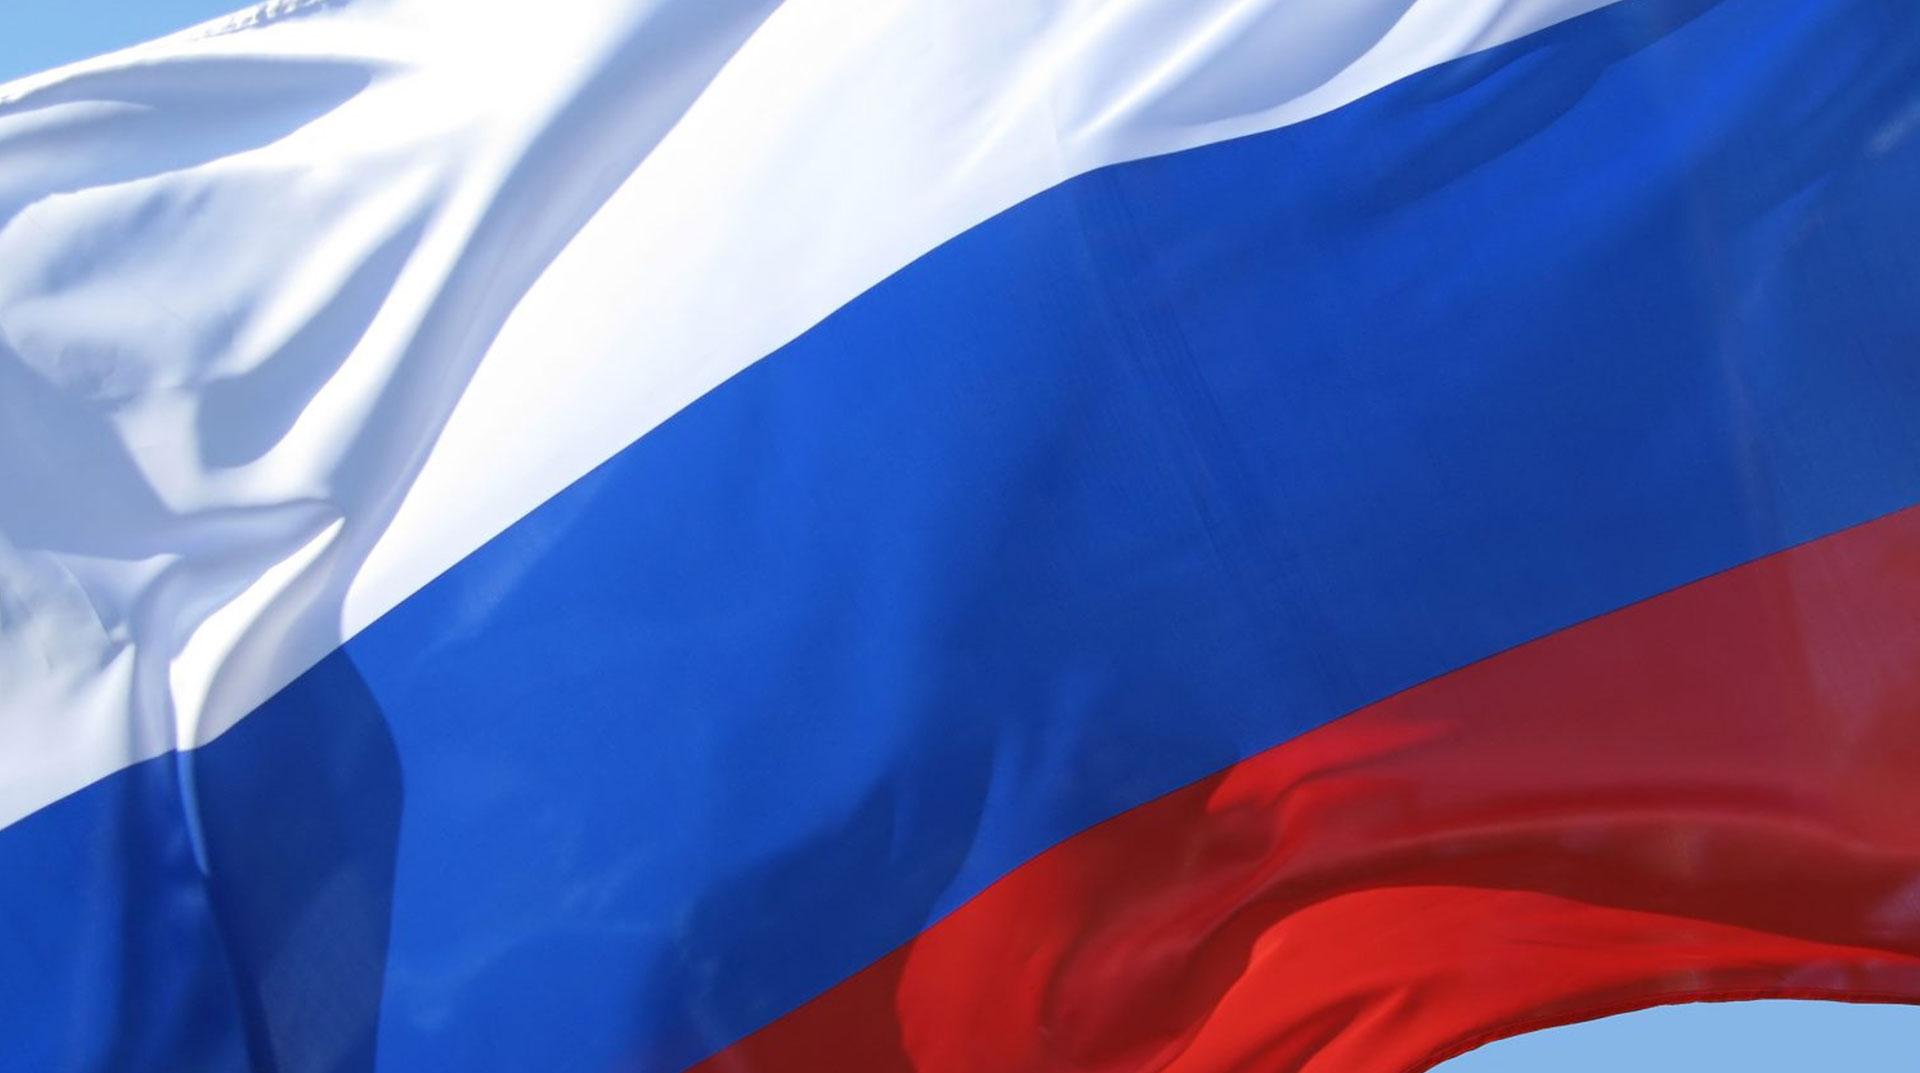 Rusya: Suriye için dörtlü zirve gündemimizde yok